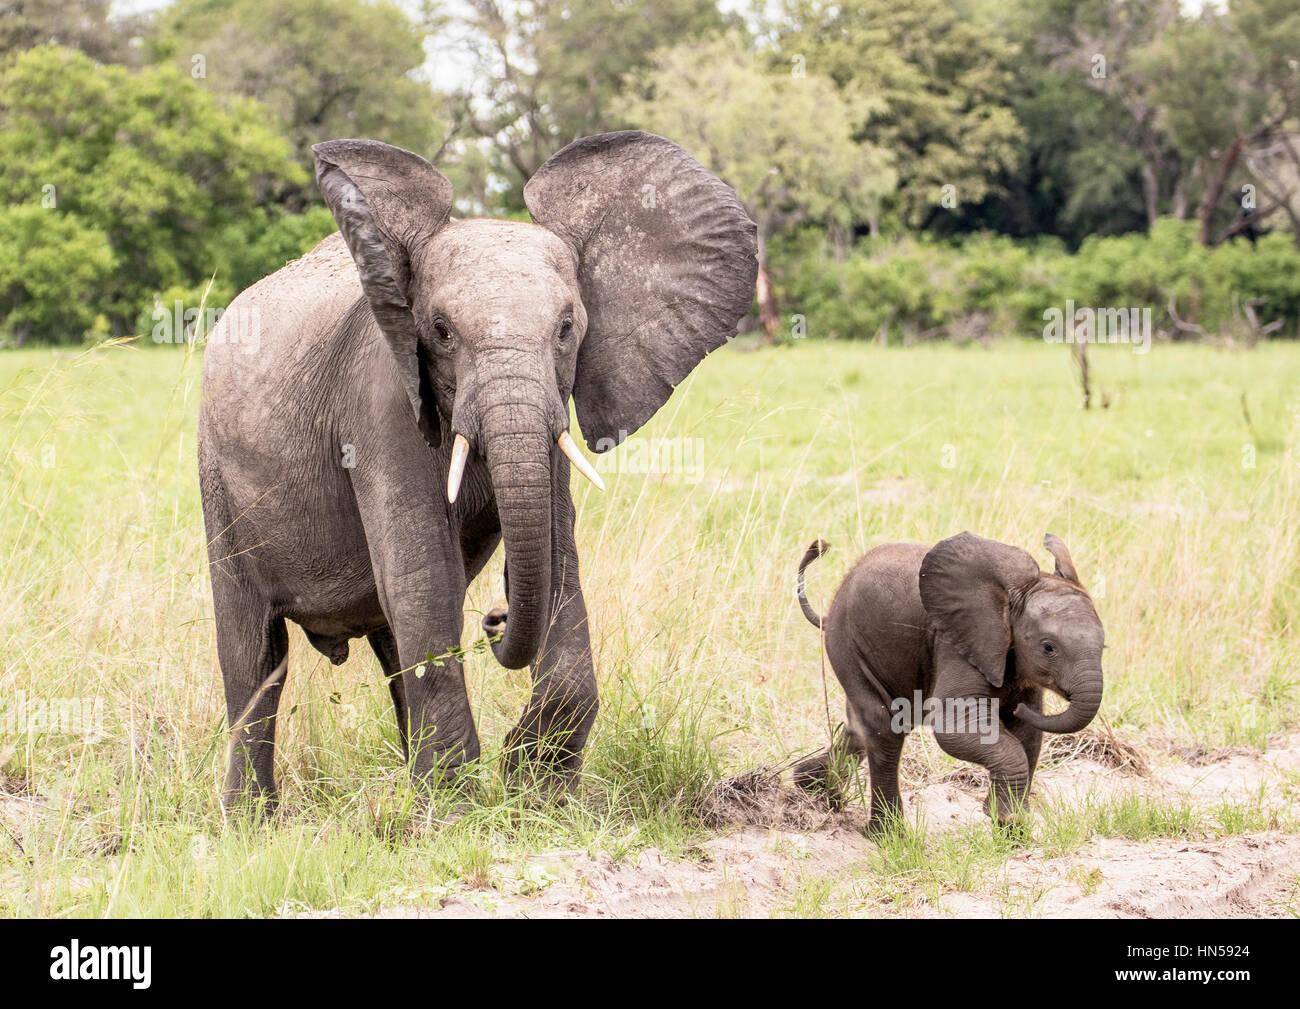 Un joven elefante africano con su hermano menor Foto de stock